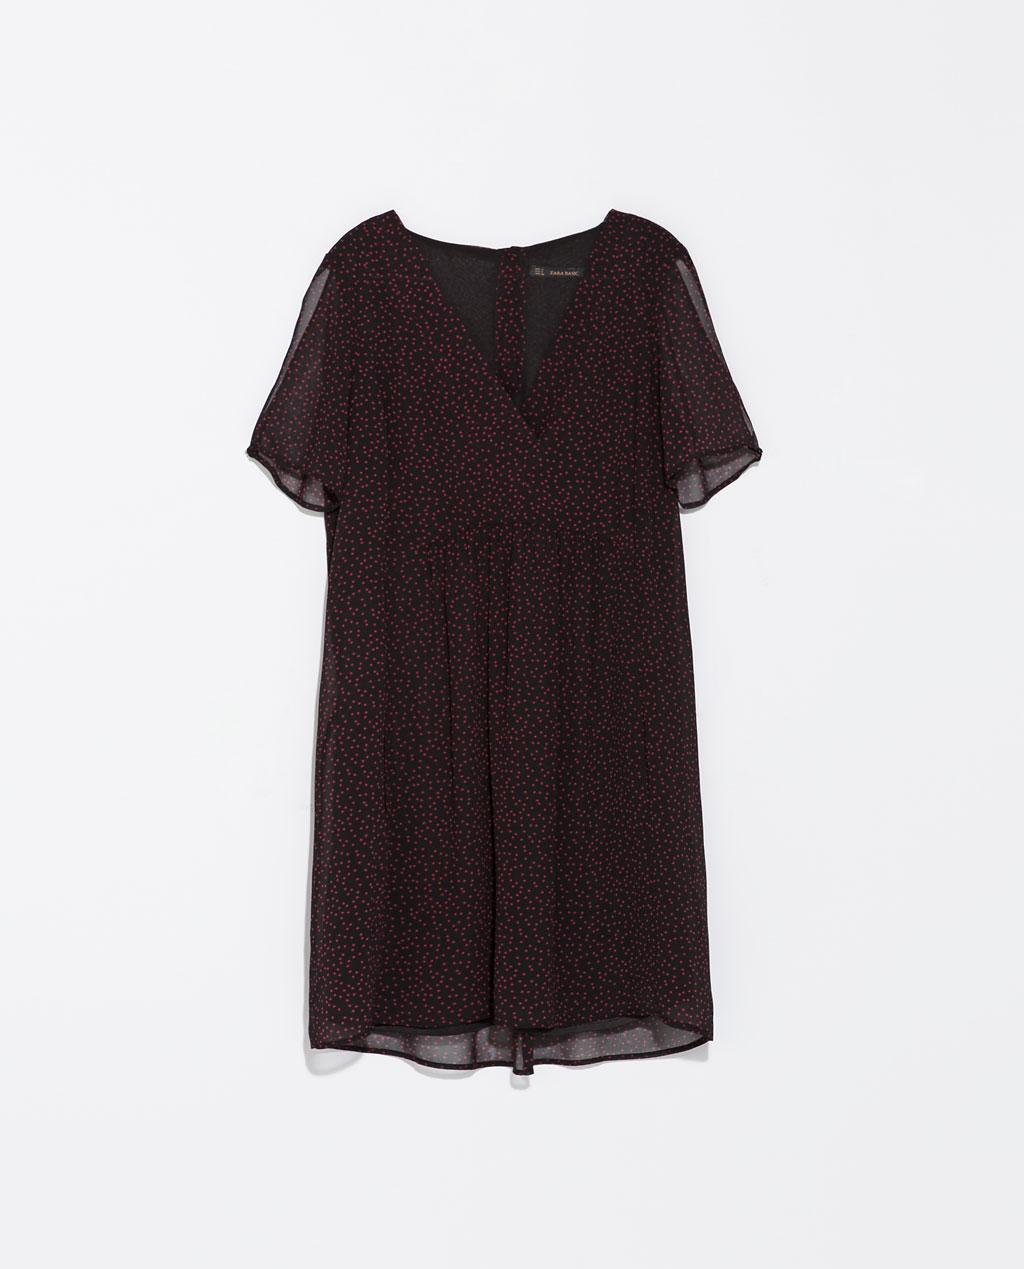 La robe-test: Zara, 9,99€ au lieu de 39,99€